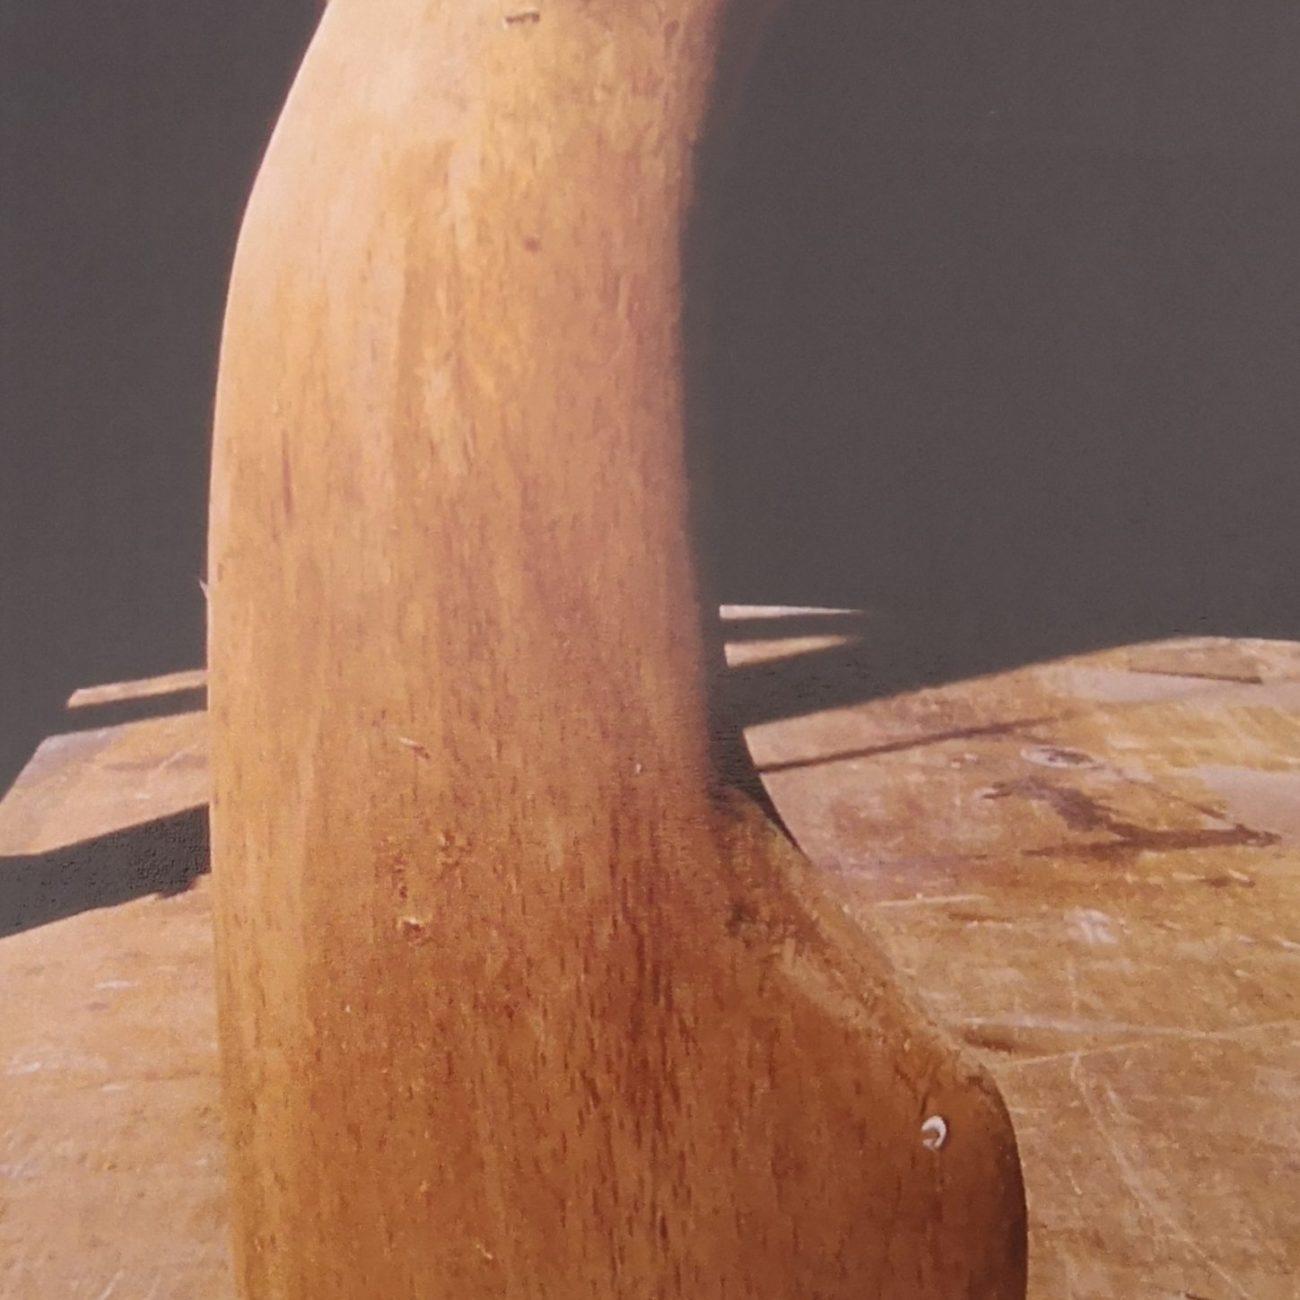 Manken Venüs Teknik:Gürgen Ölçü:10x10x20 cm  Fiyat:1000 TL